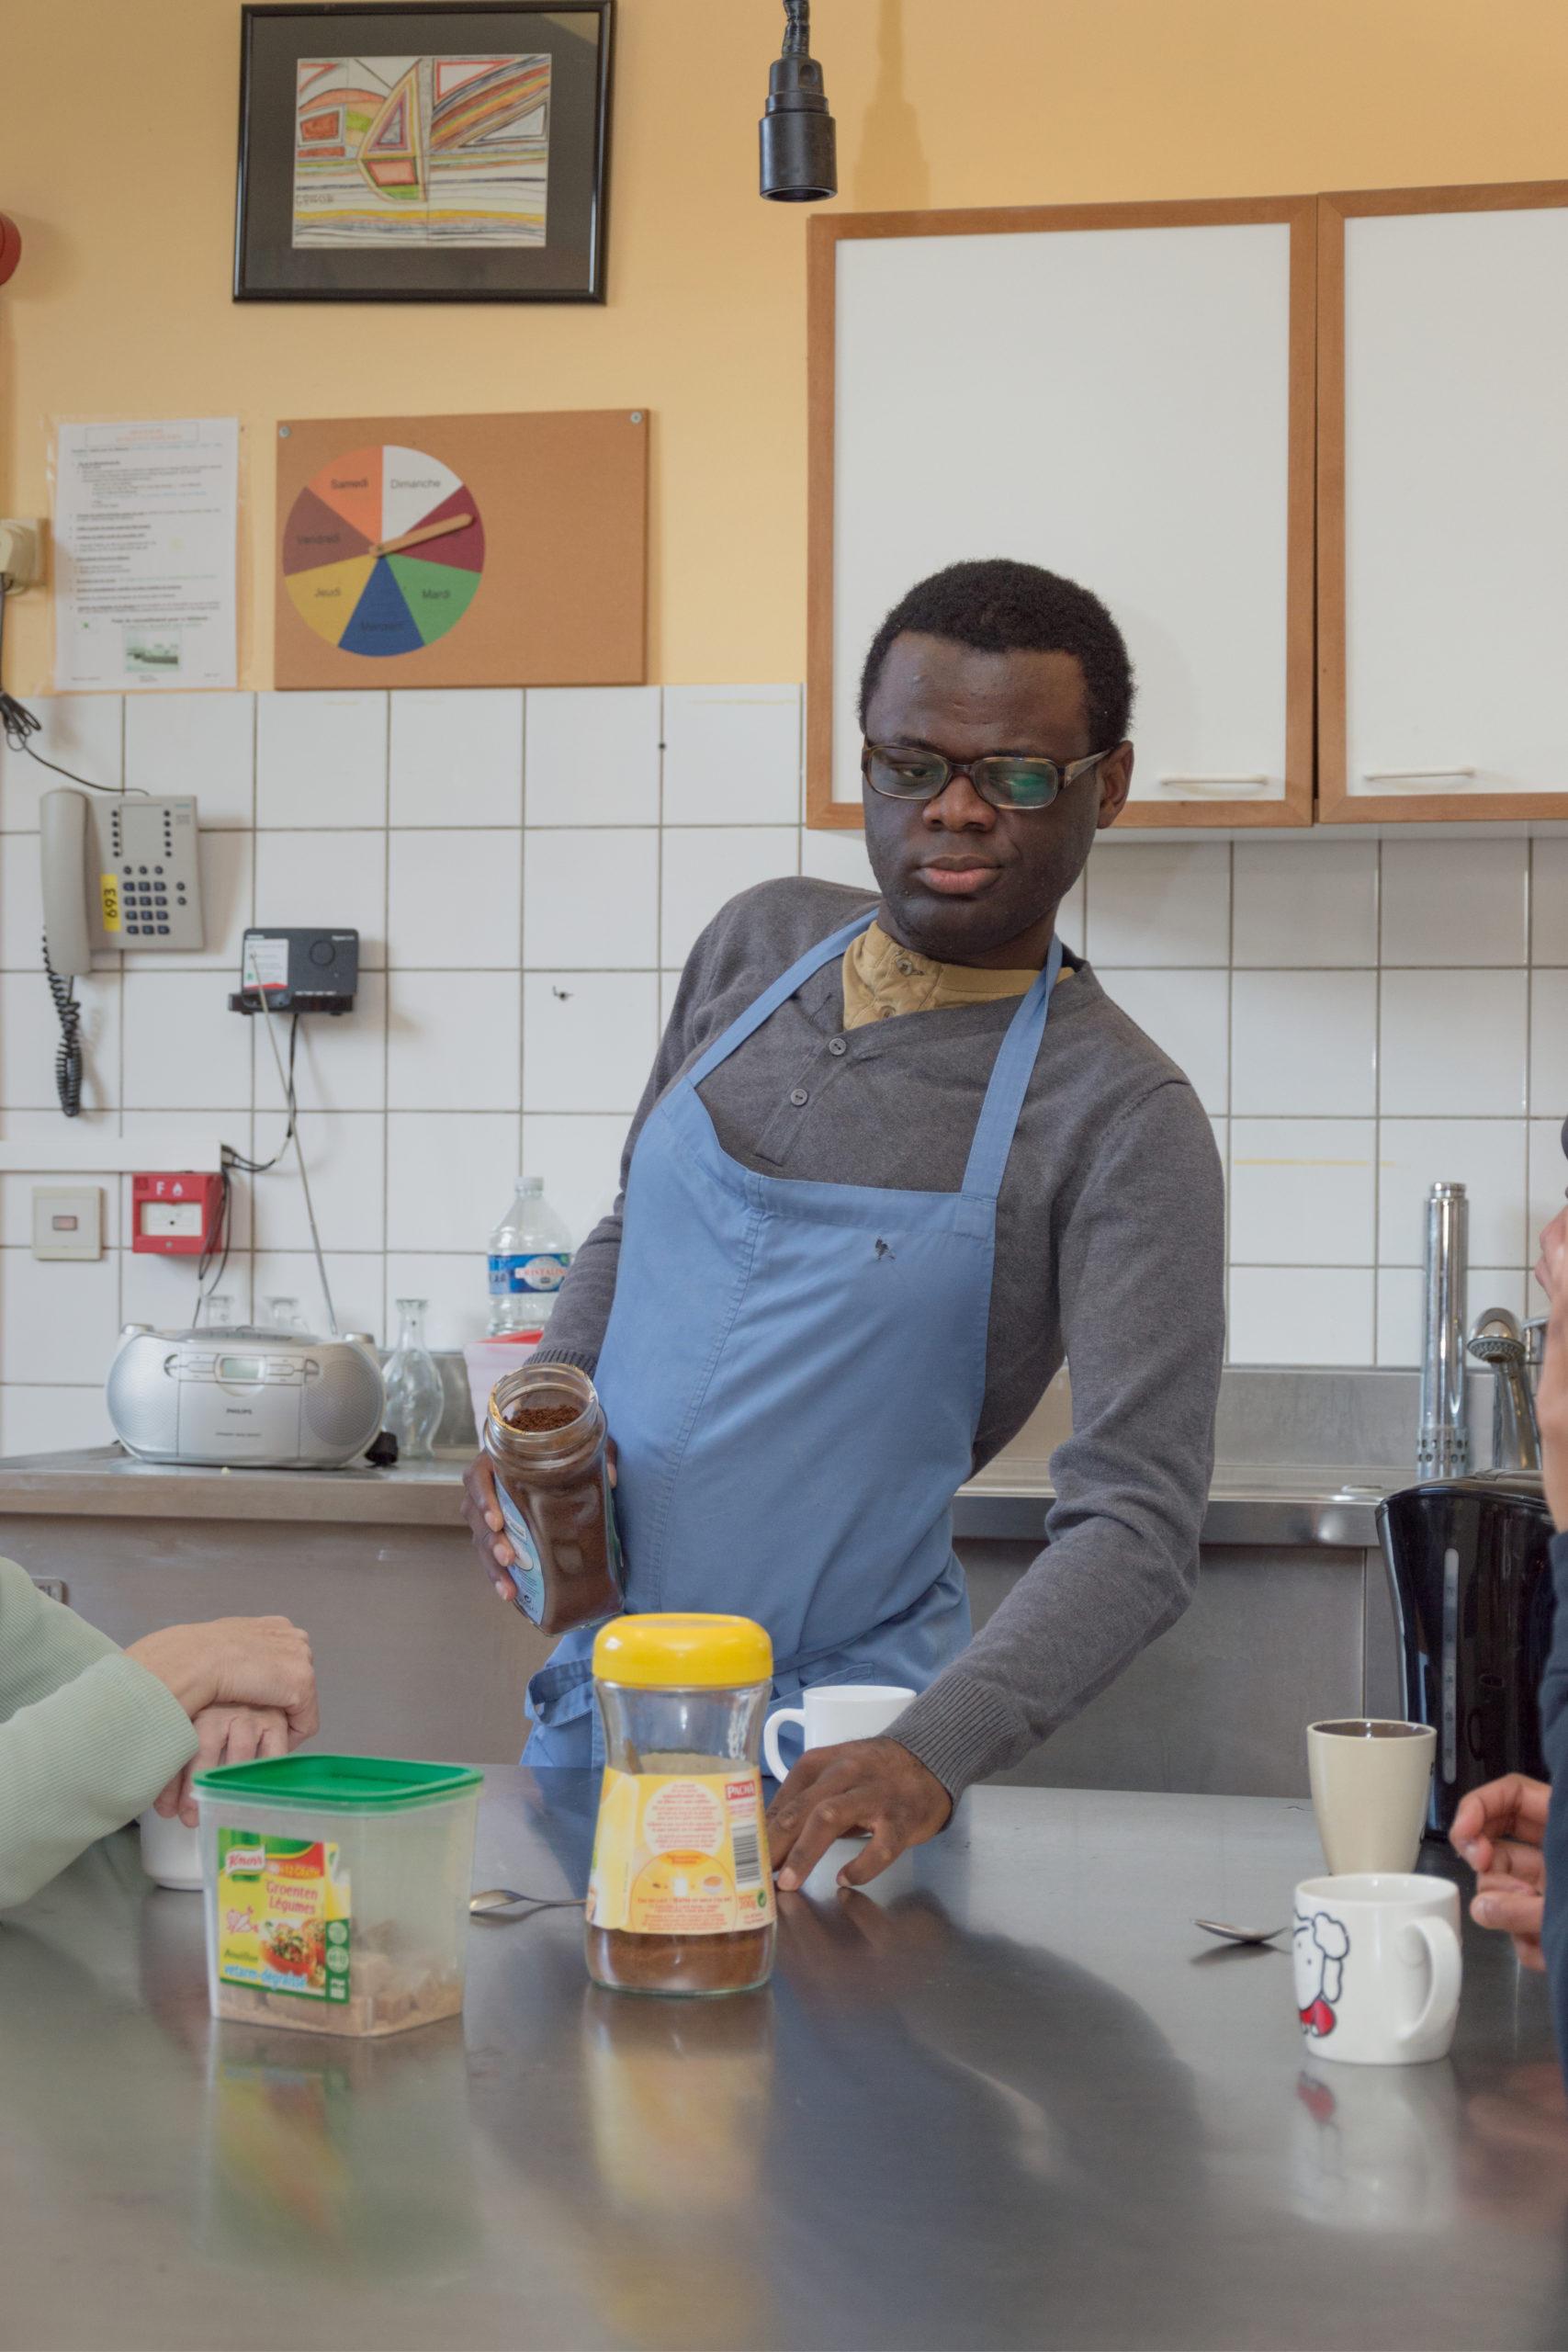 Homme noir handicapé dans une cuisine préparant un café